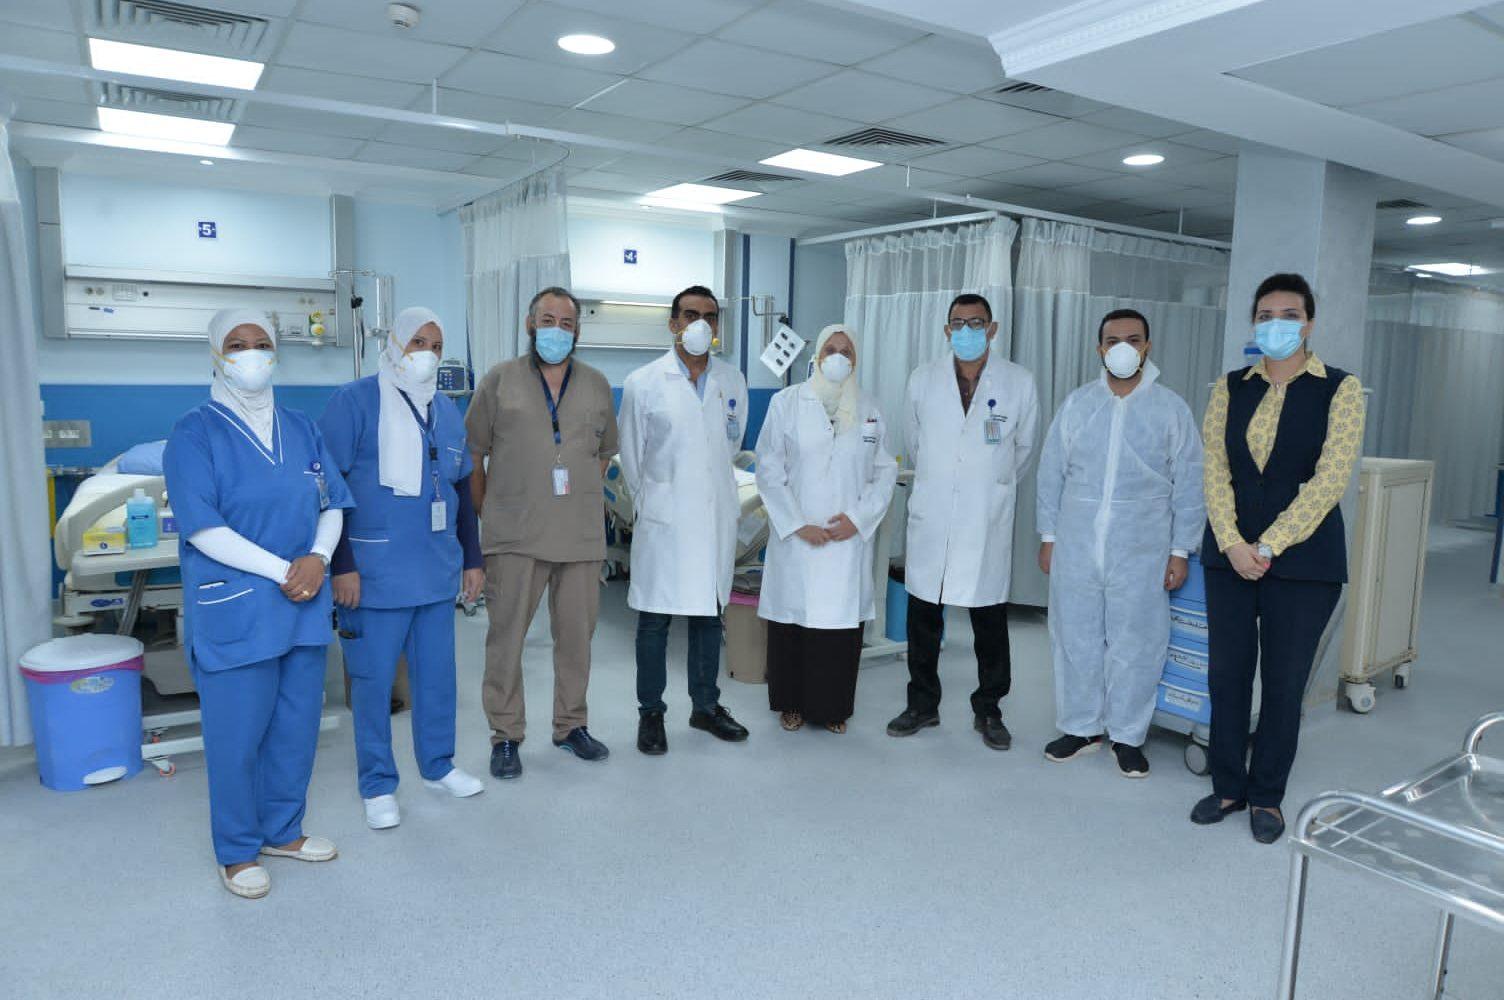 تجديد وحدة الرعاية المركزية بمستشفي مصرللطيران